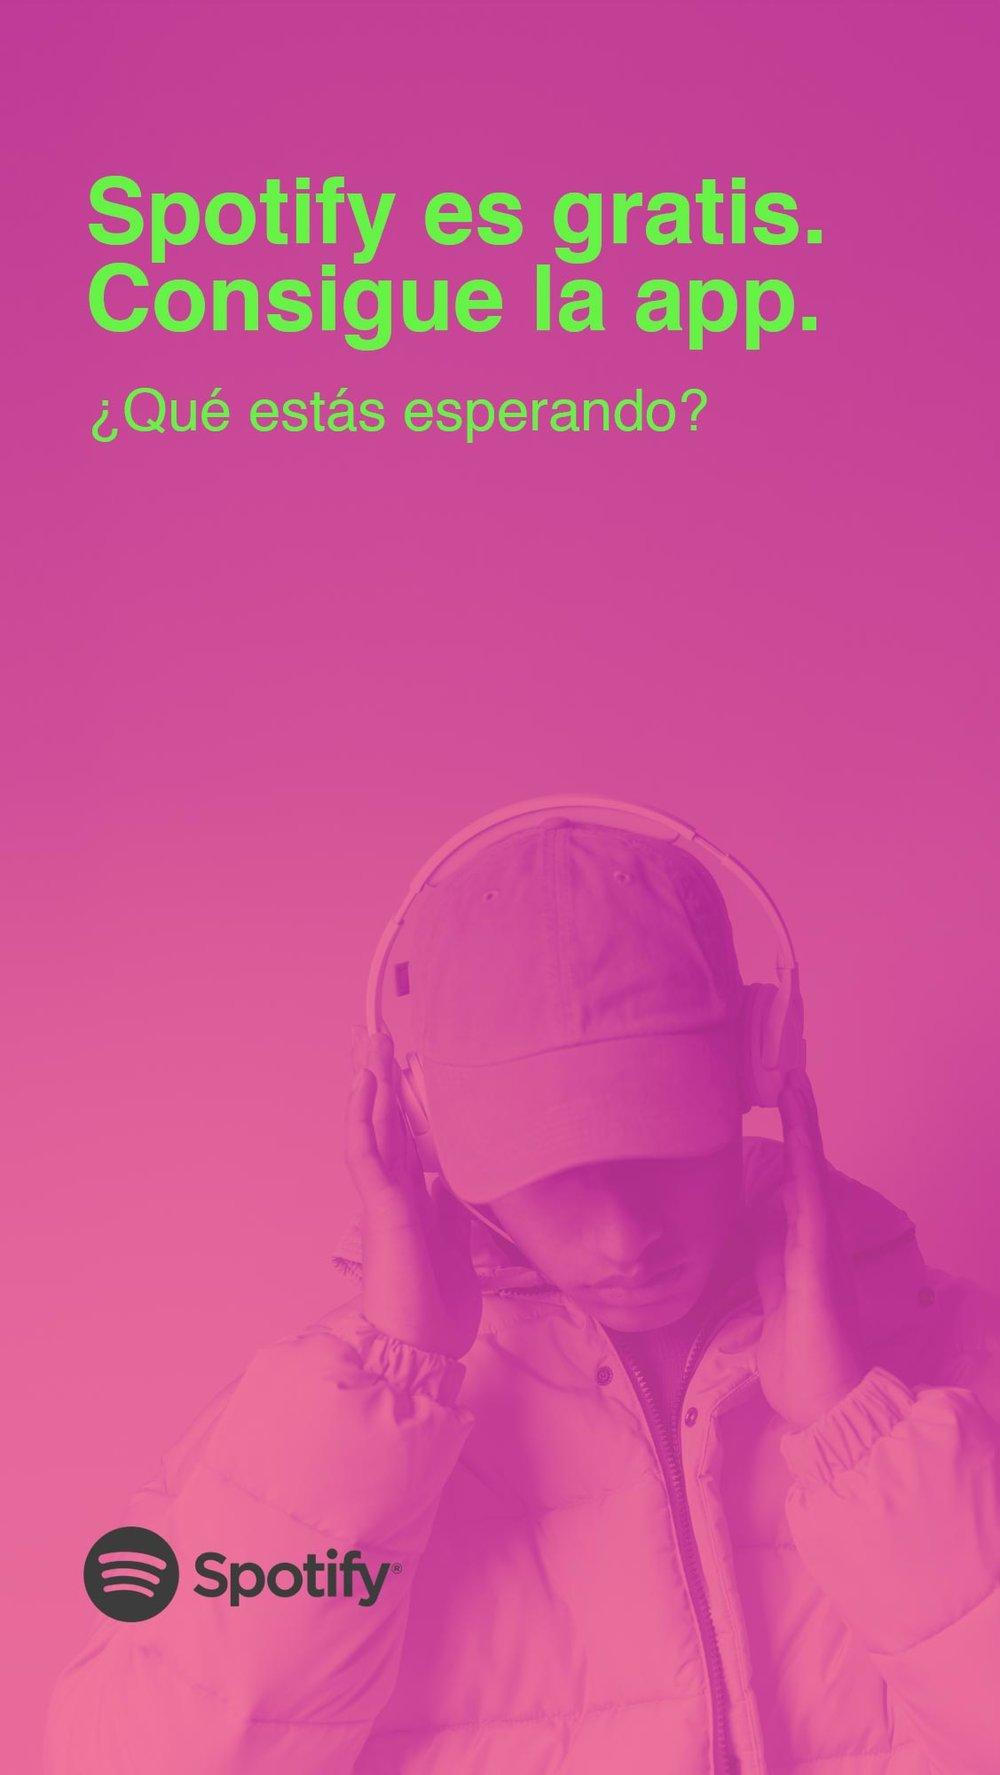 spotify_app_gratis_ad_anuncio_photo_by_leandro_crespi_50.jpg